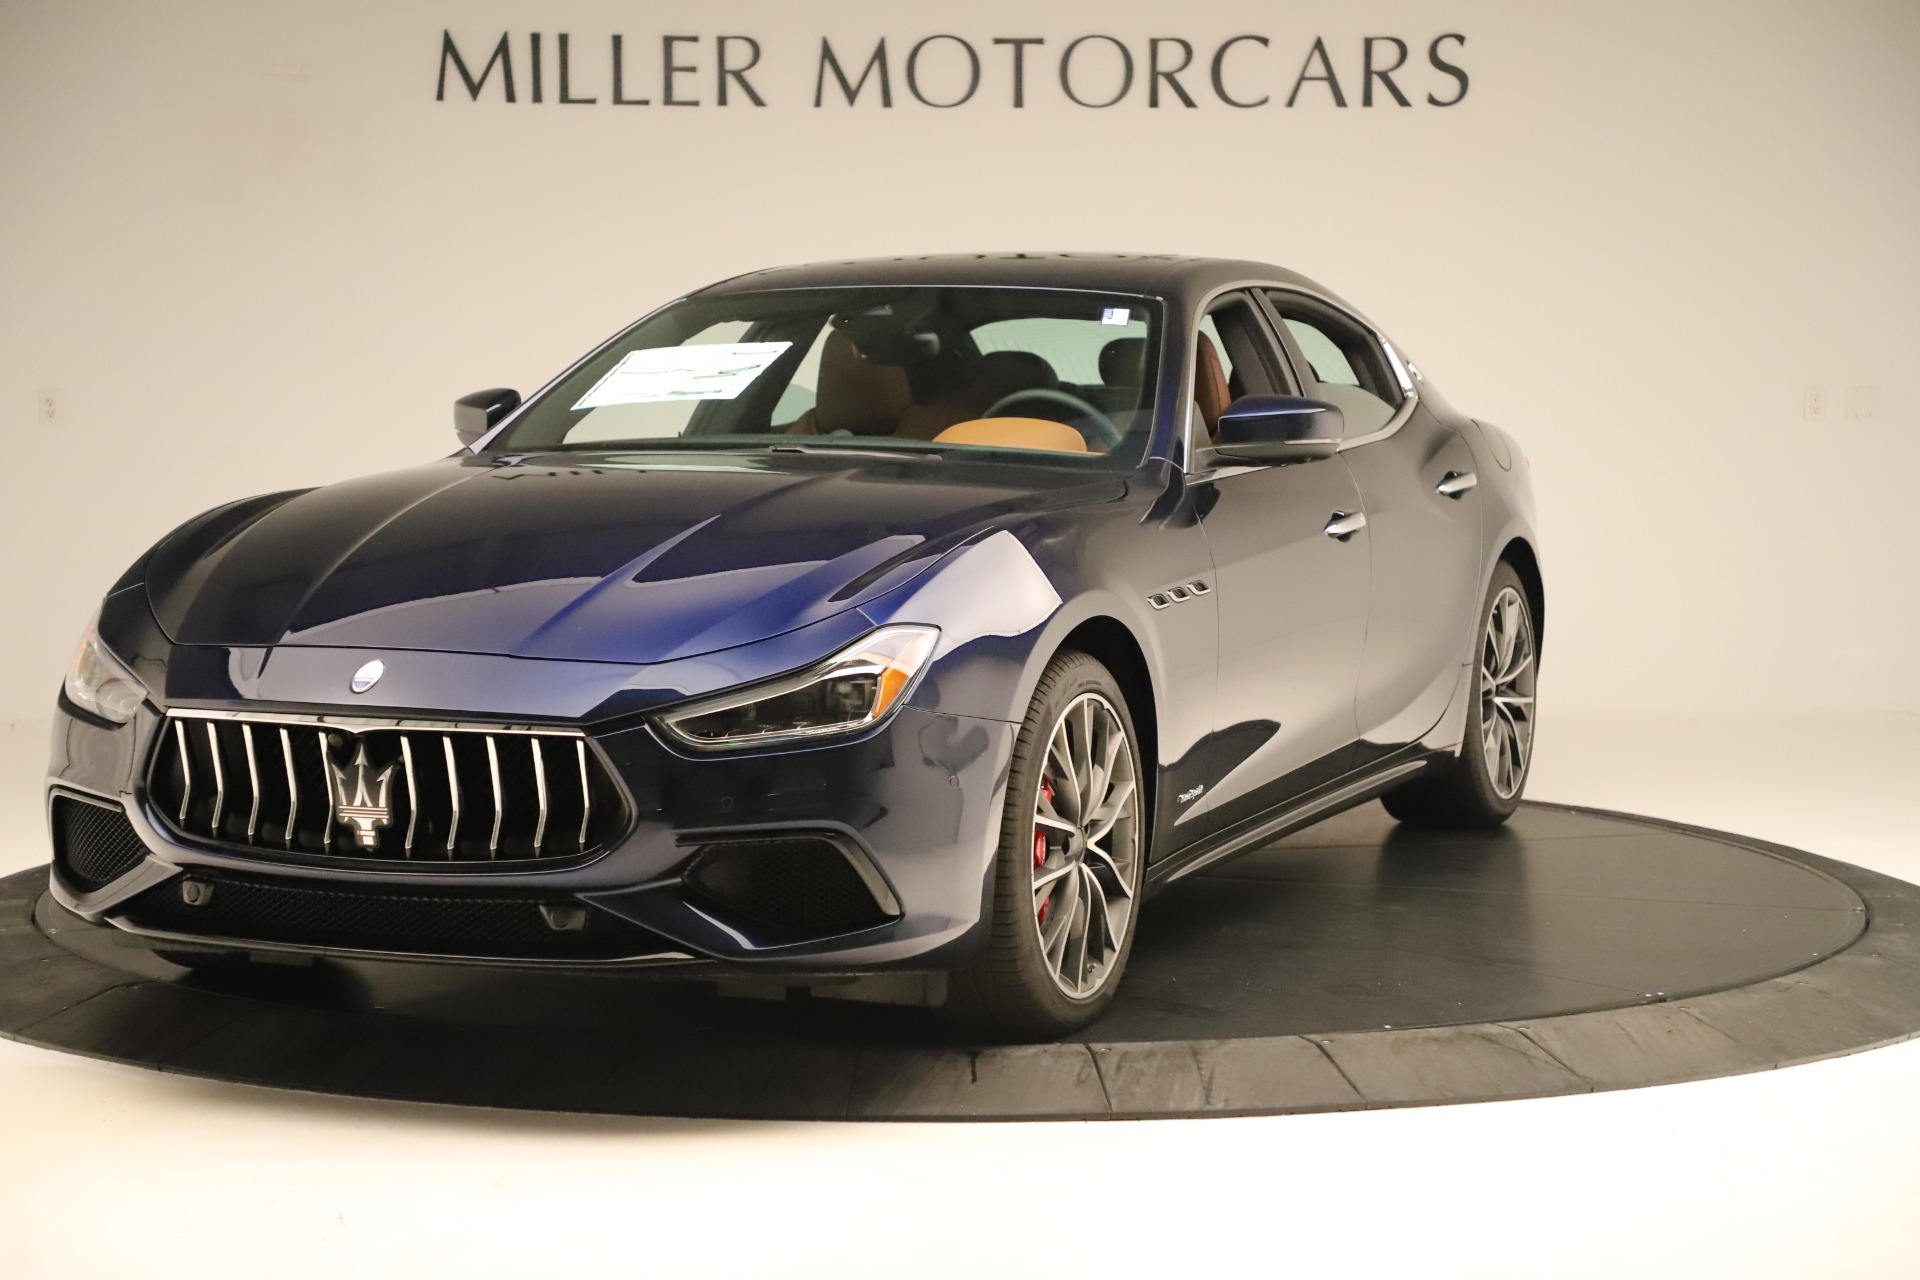 New 2019 Maserati Ghibli S Q4 GranSport For Sale In Westport, CT 2914_main